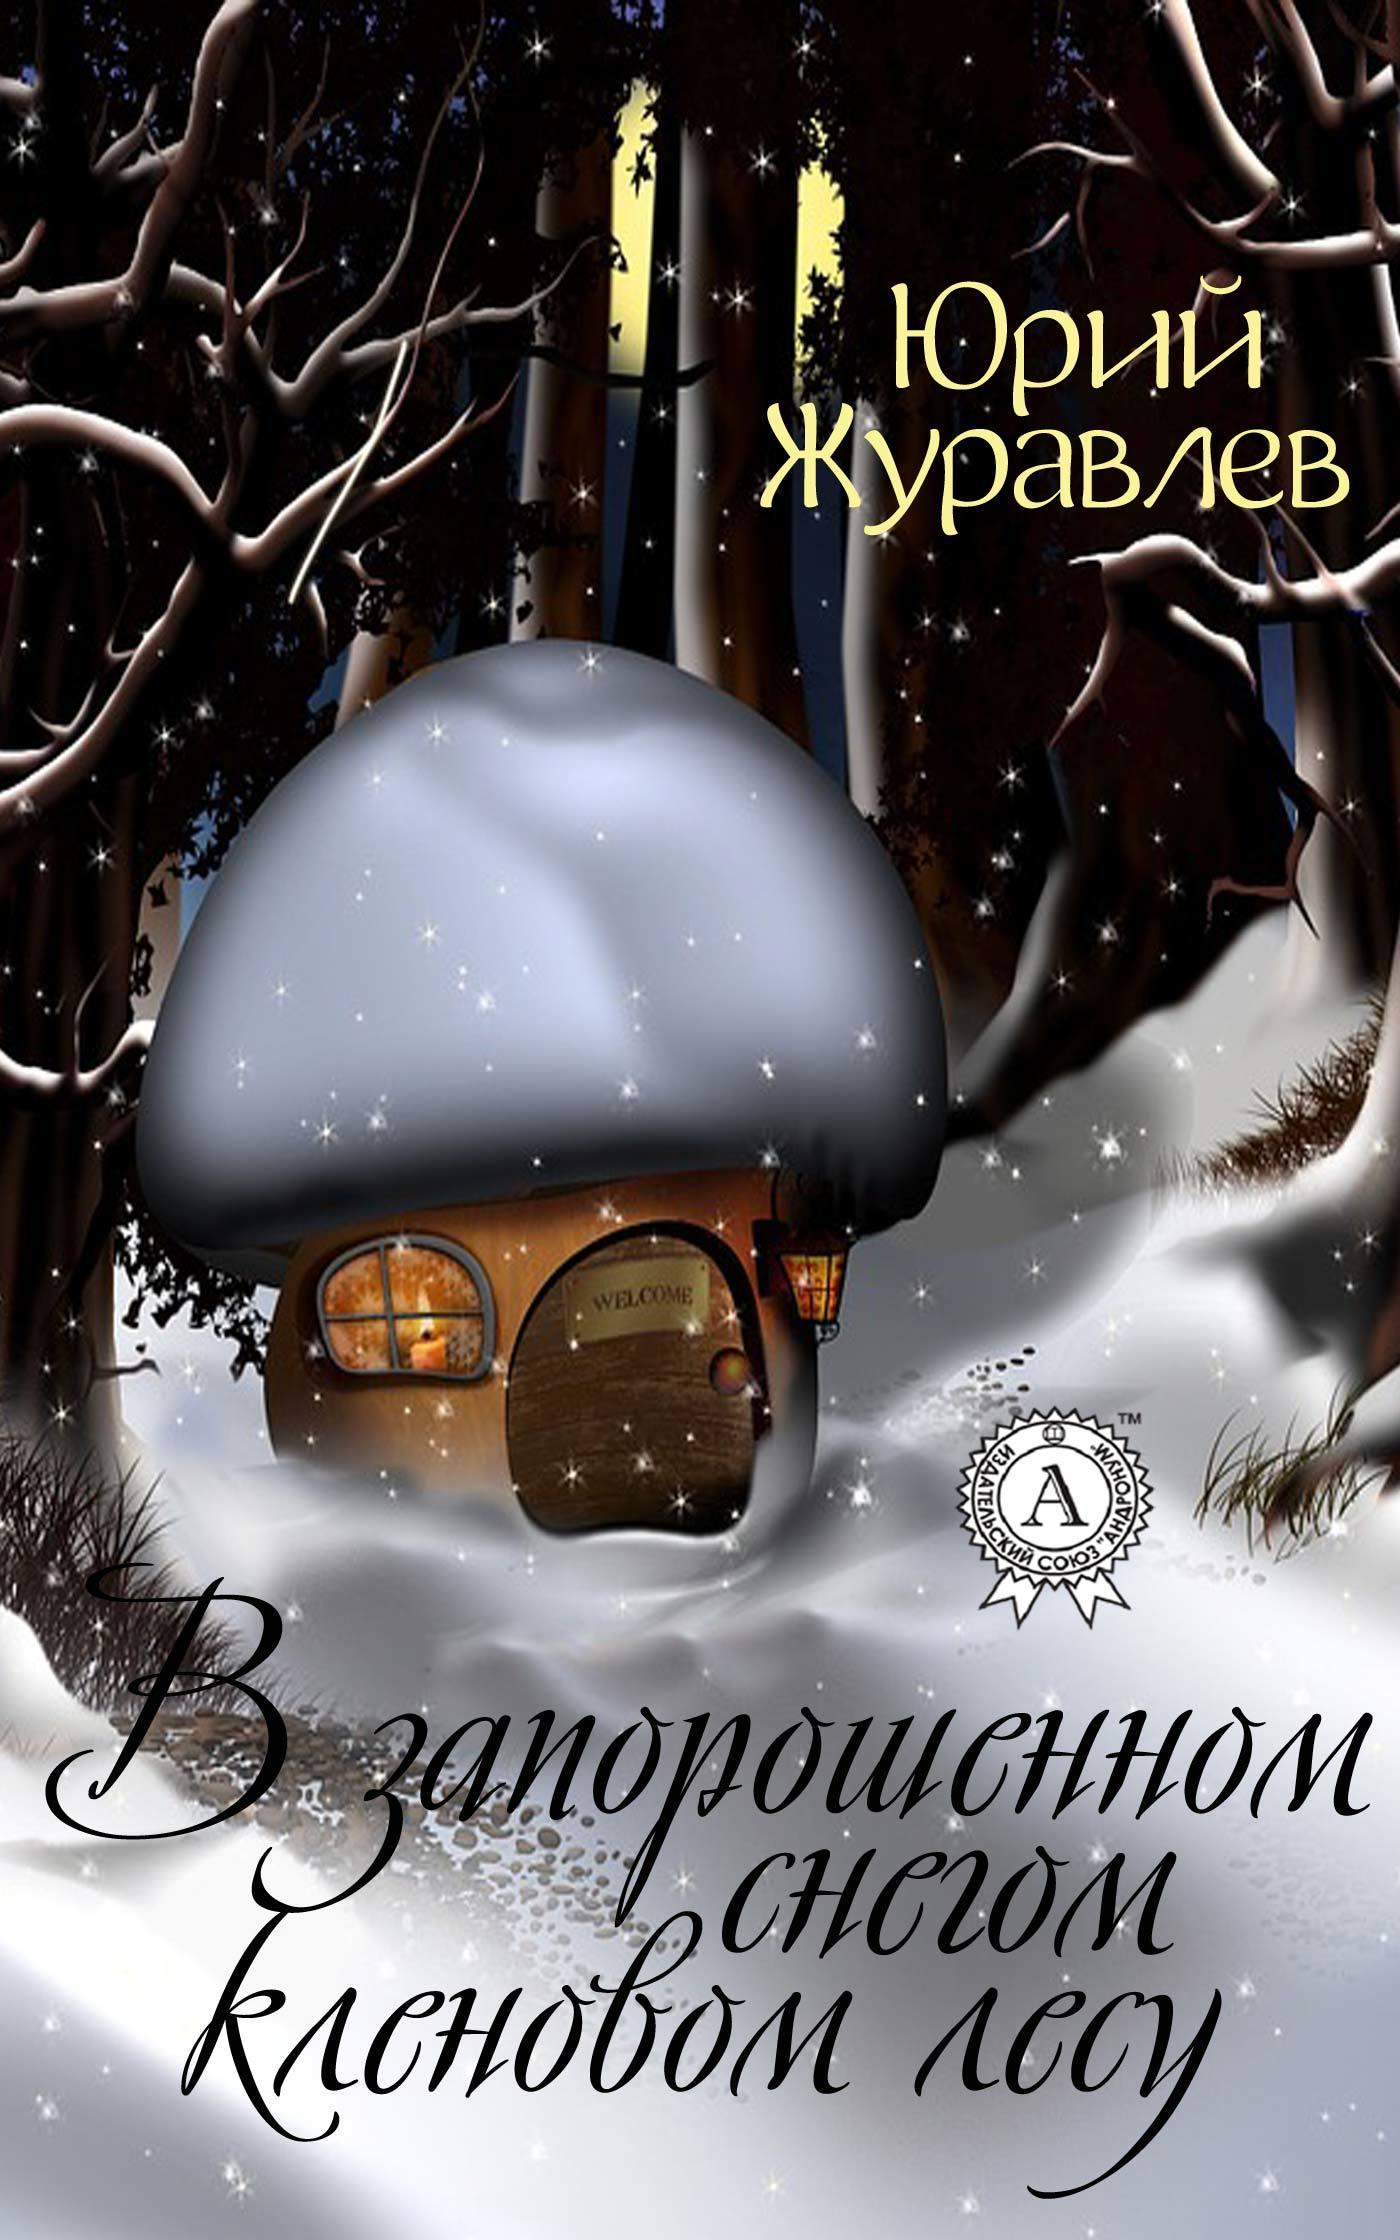 Юрий Журавлев - В запорошенном снегом кленовом лесу